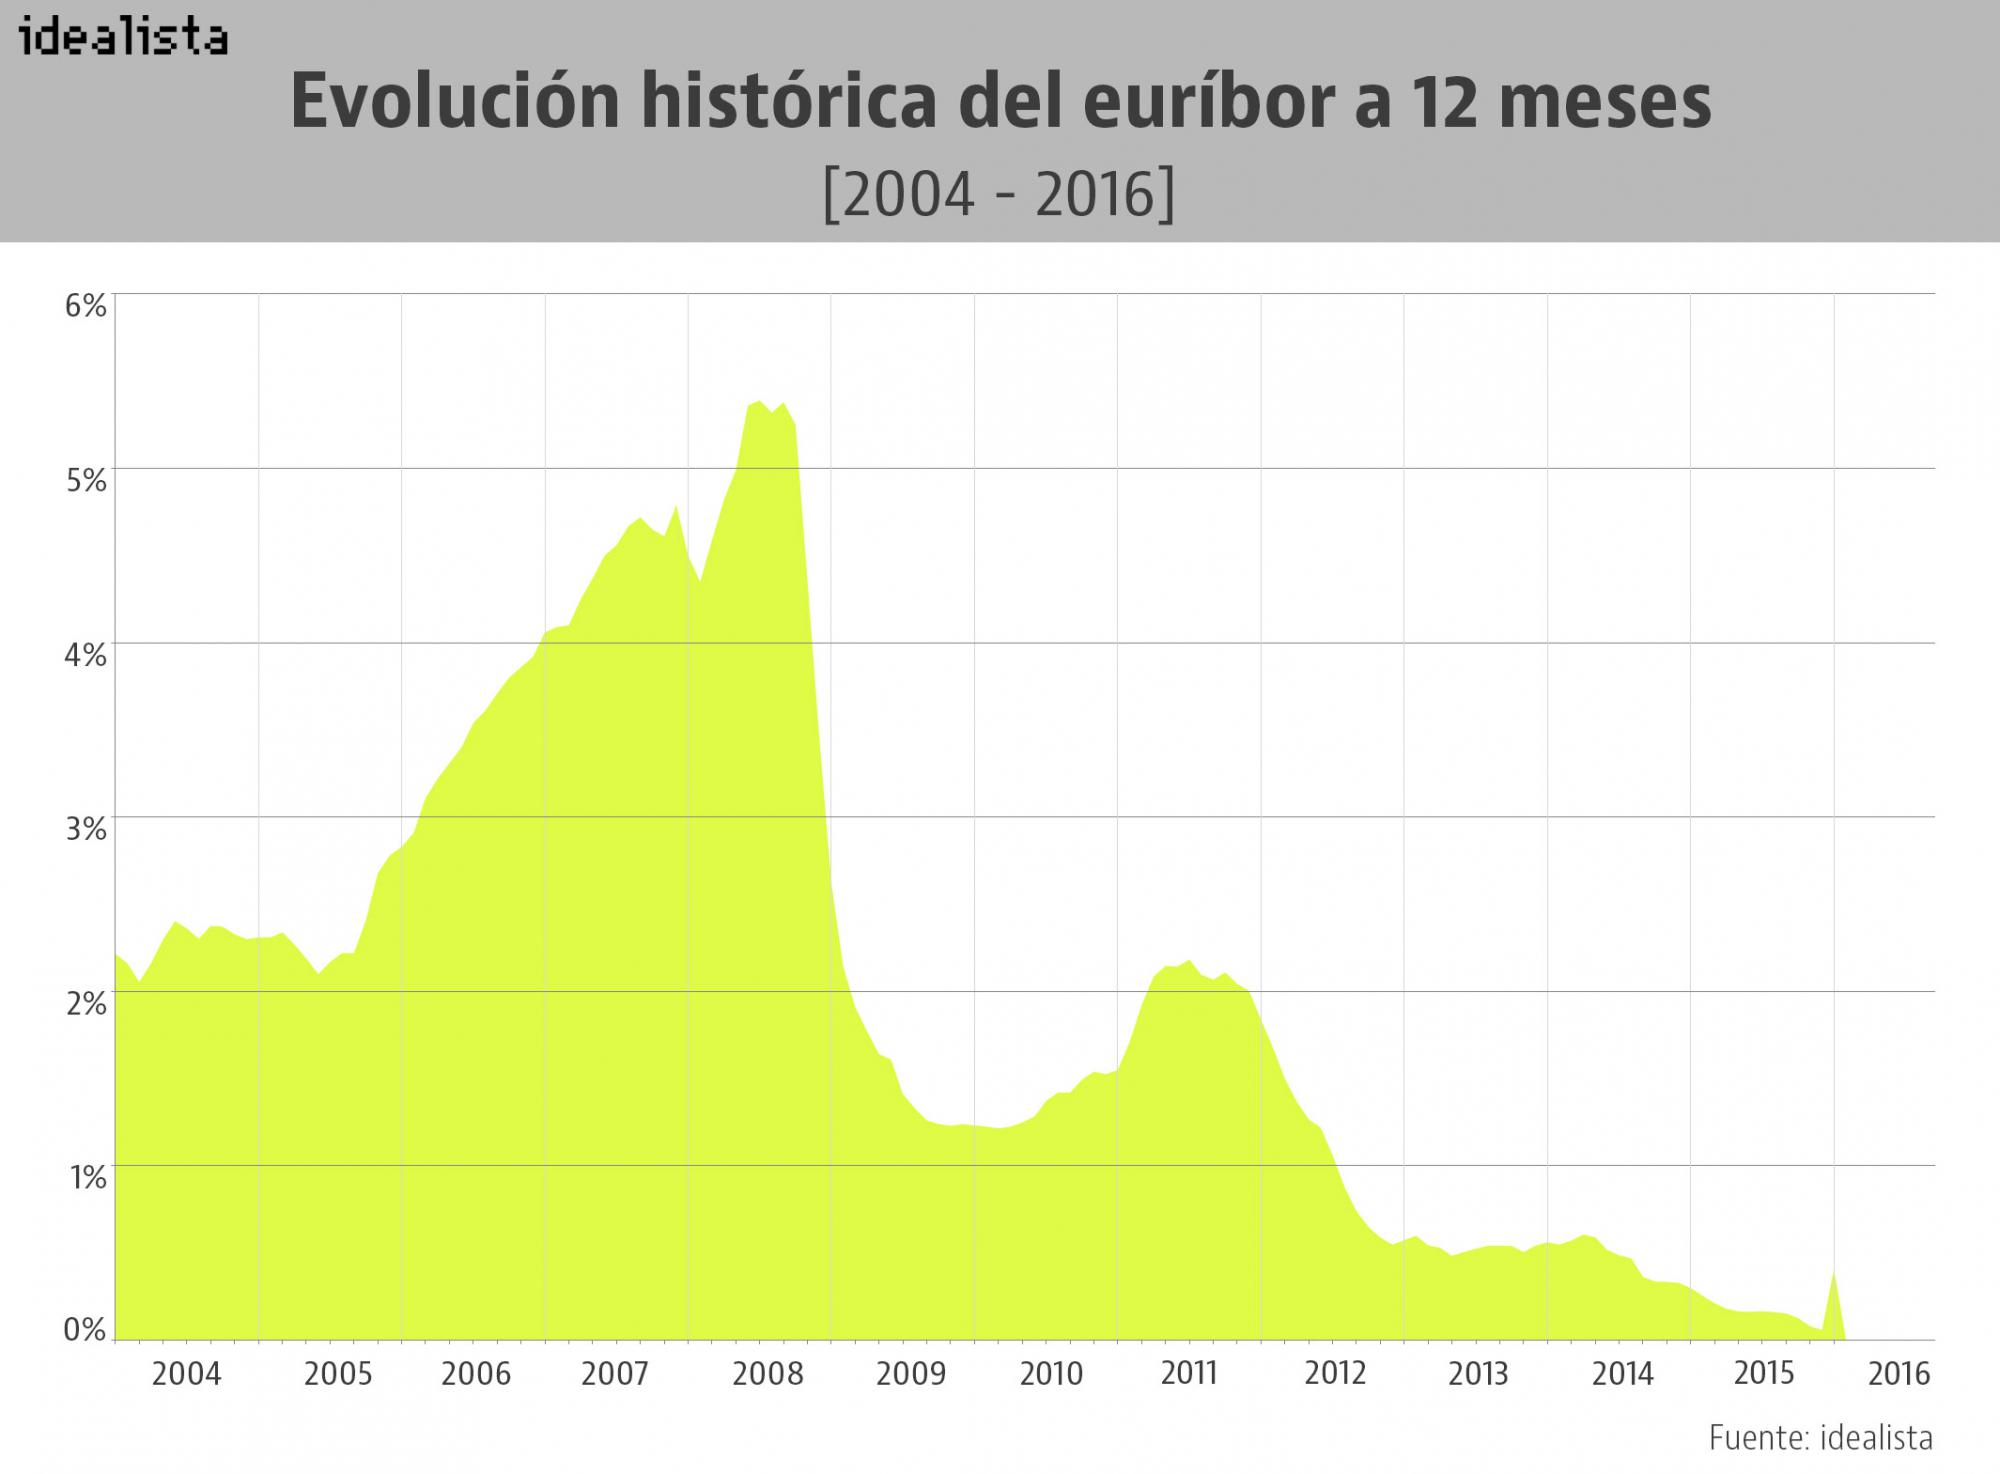 Evolución del euríbor a 12 meses entre 2004 y 2016